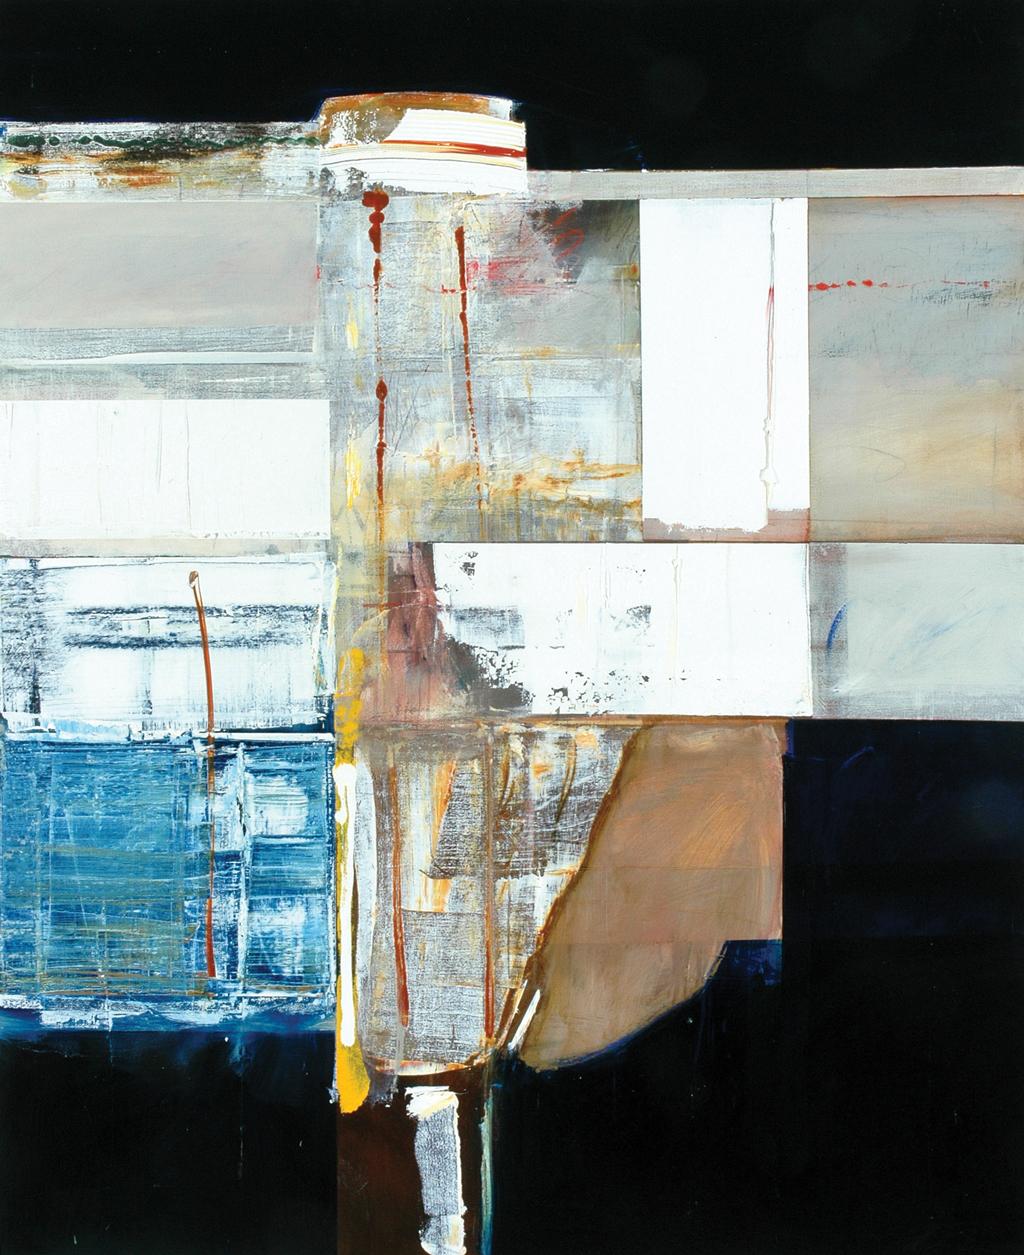 Grampian (Dunkeld) 3, 2008.